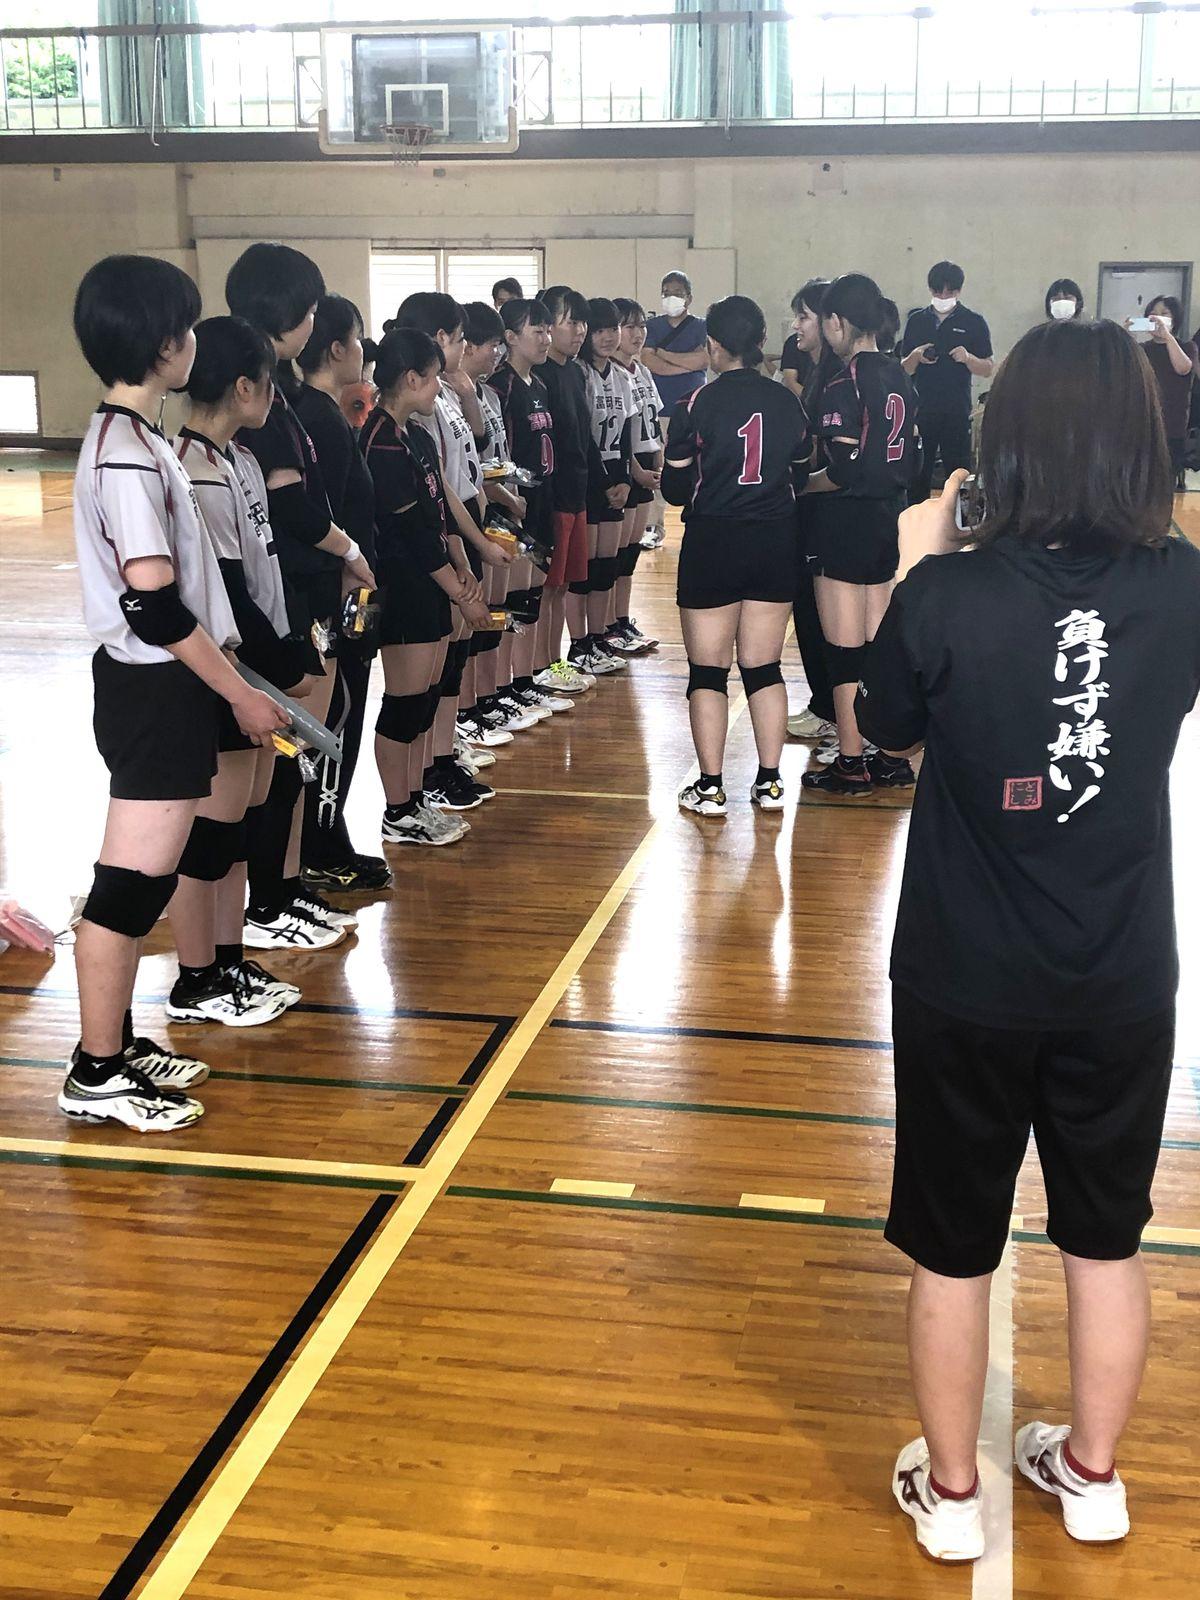 代替大会前に引退決めた3年生の 最後の試合 スポーツ 徳島ニュース 徳島新聞